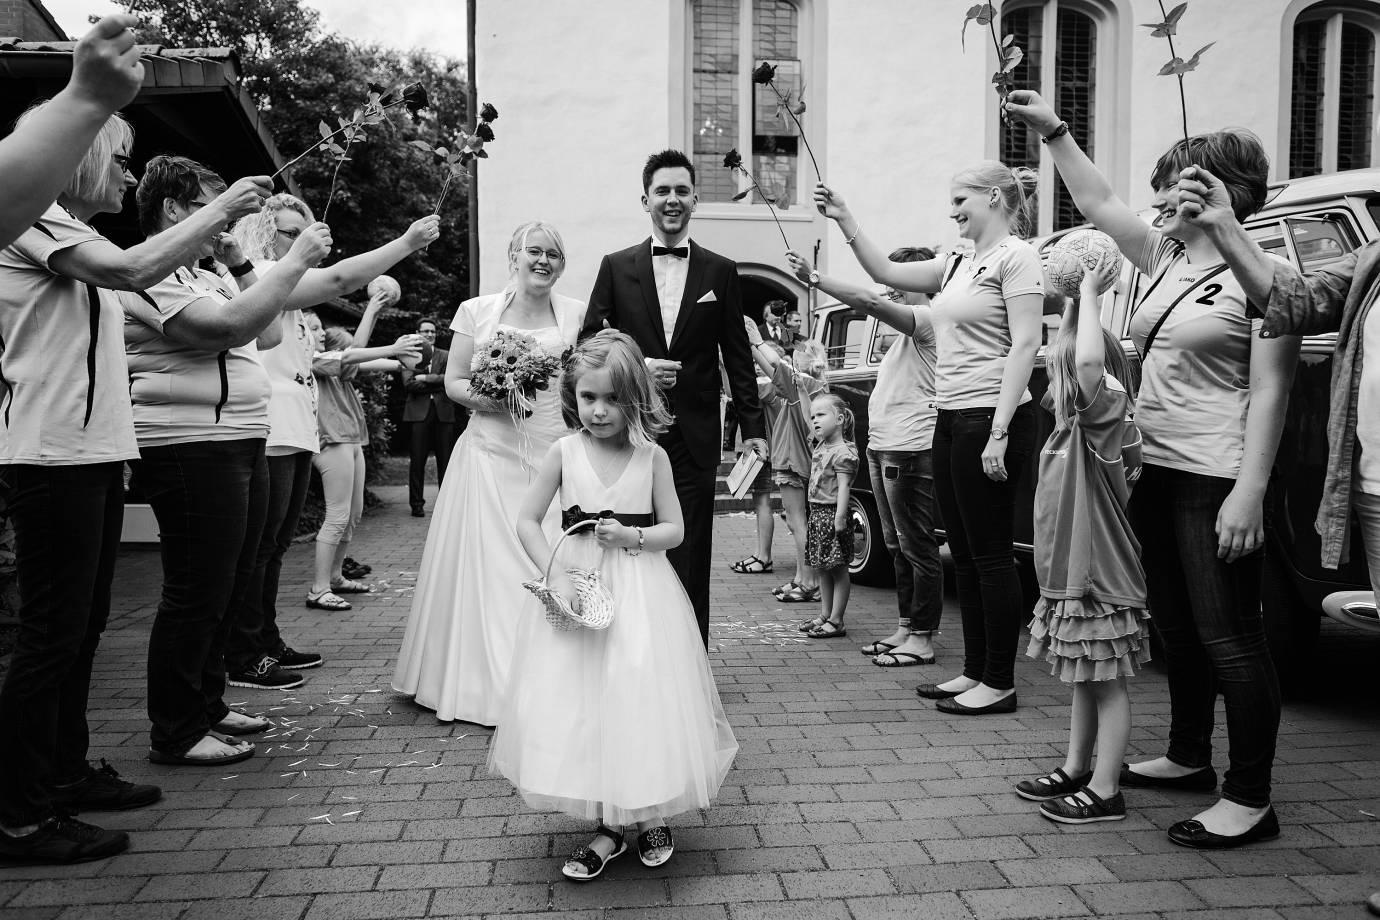 hochzeitsfotograf hambergen 089 - Iris+Sascha